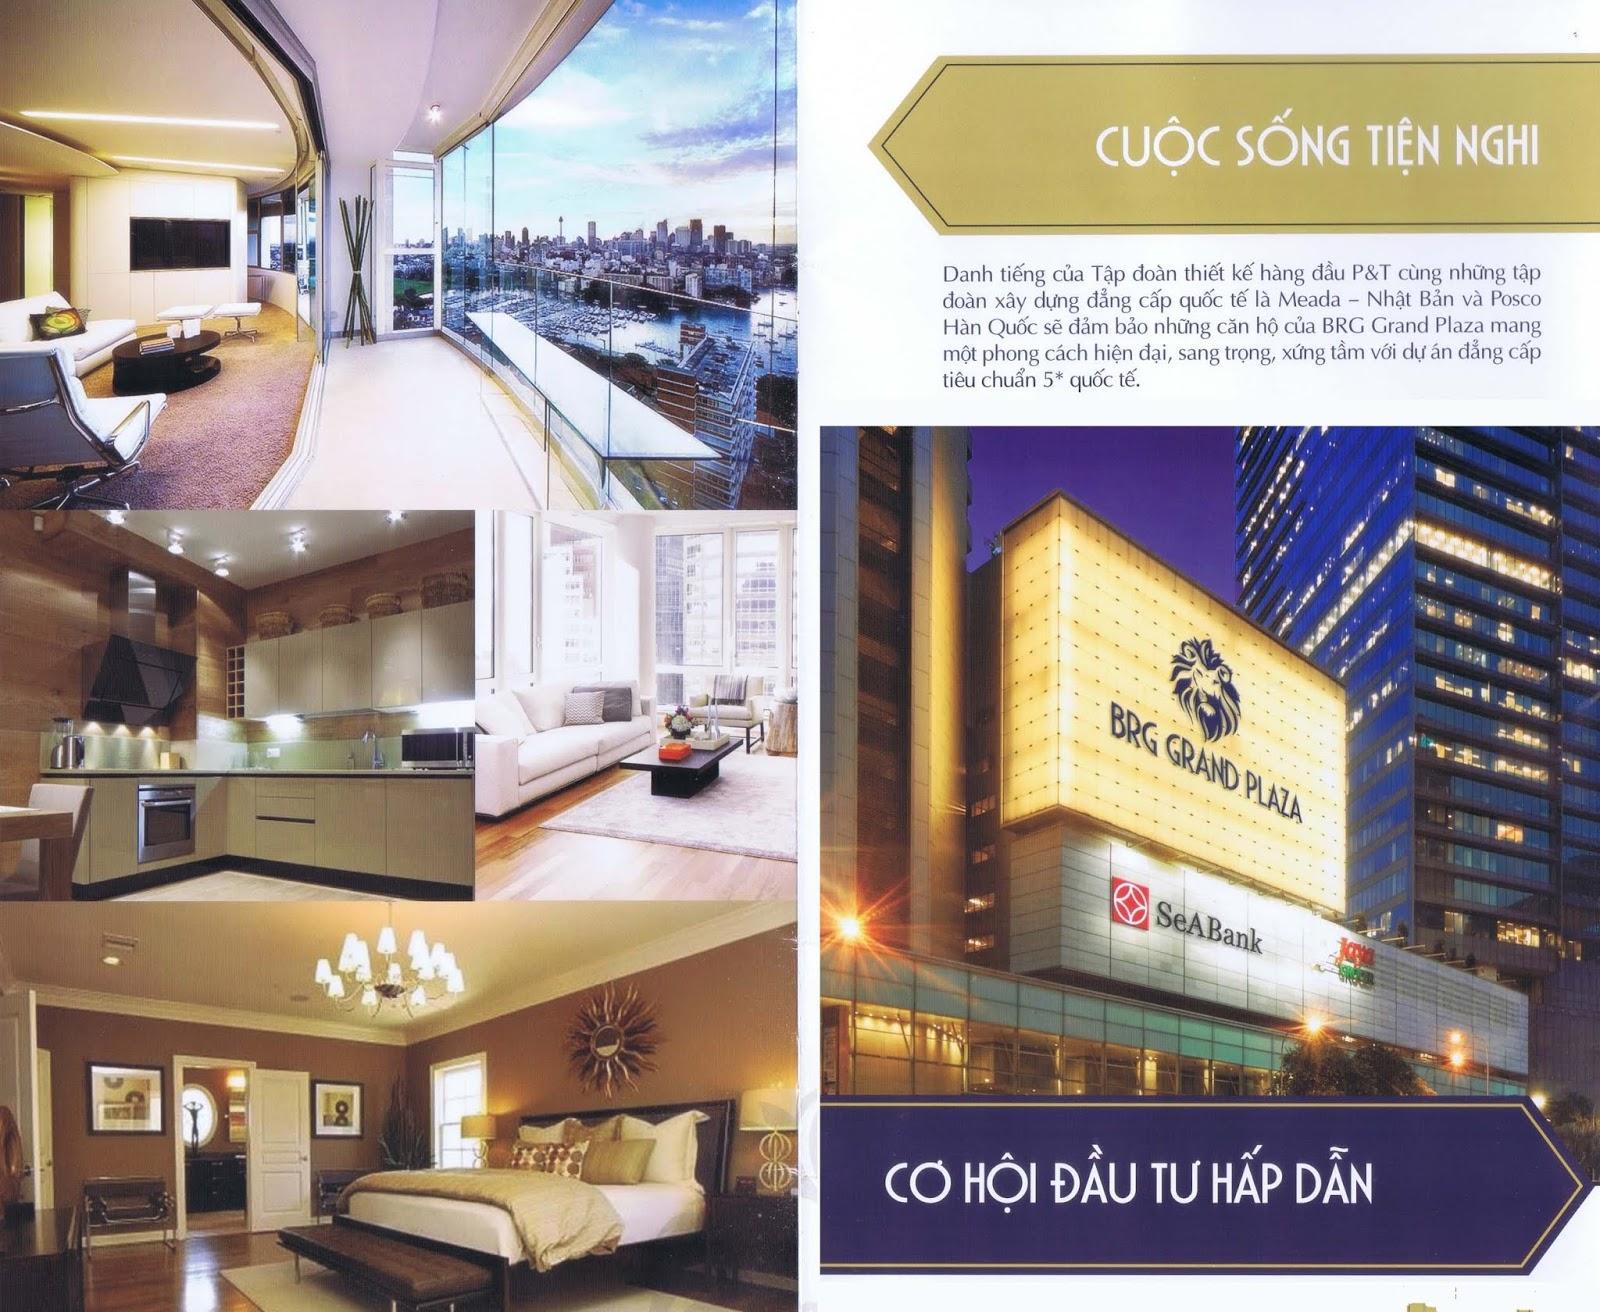 Tiện ích BRG Grand Plaza 16 Láng Hạ